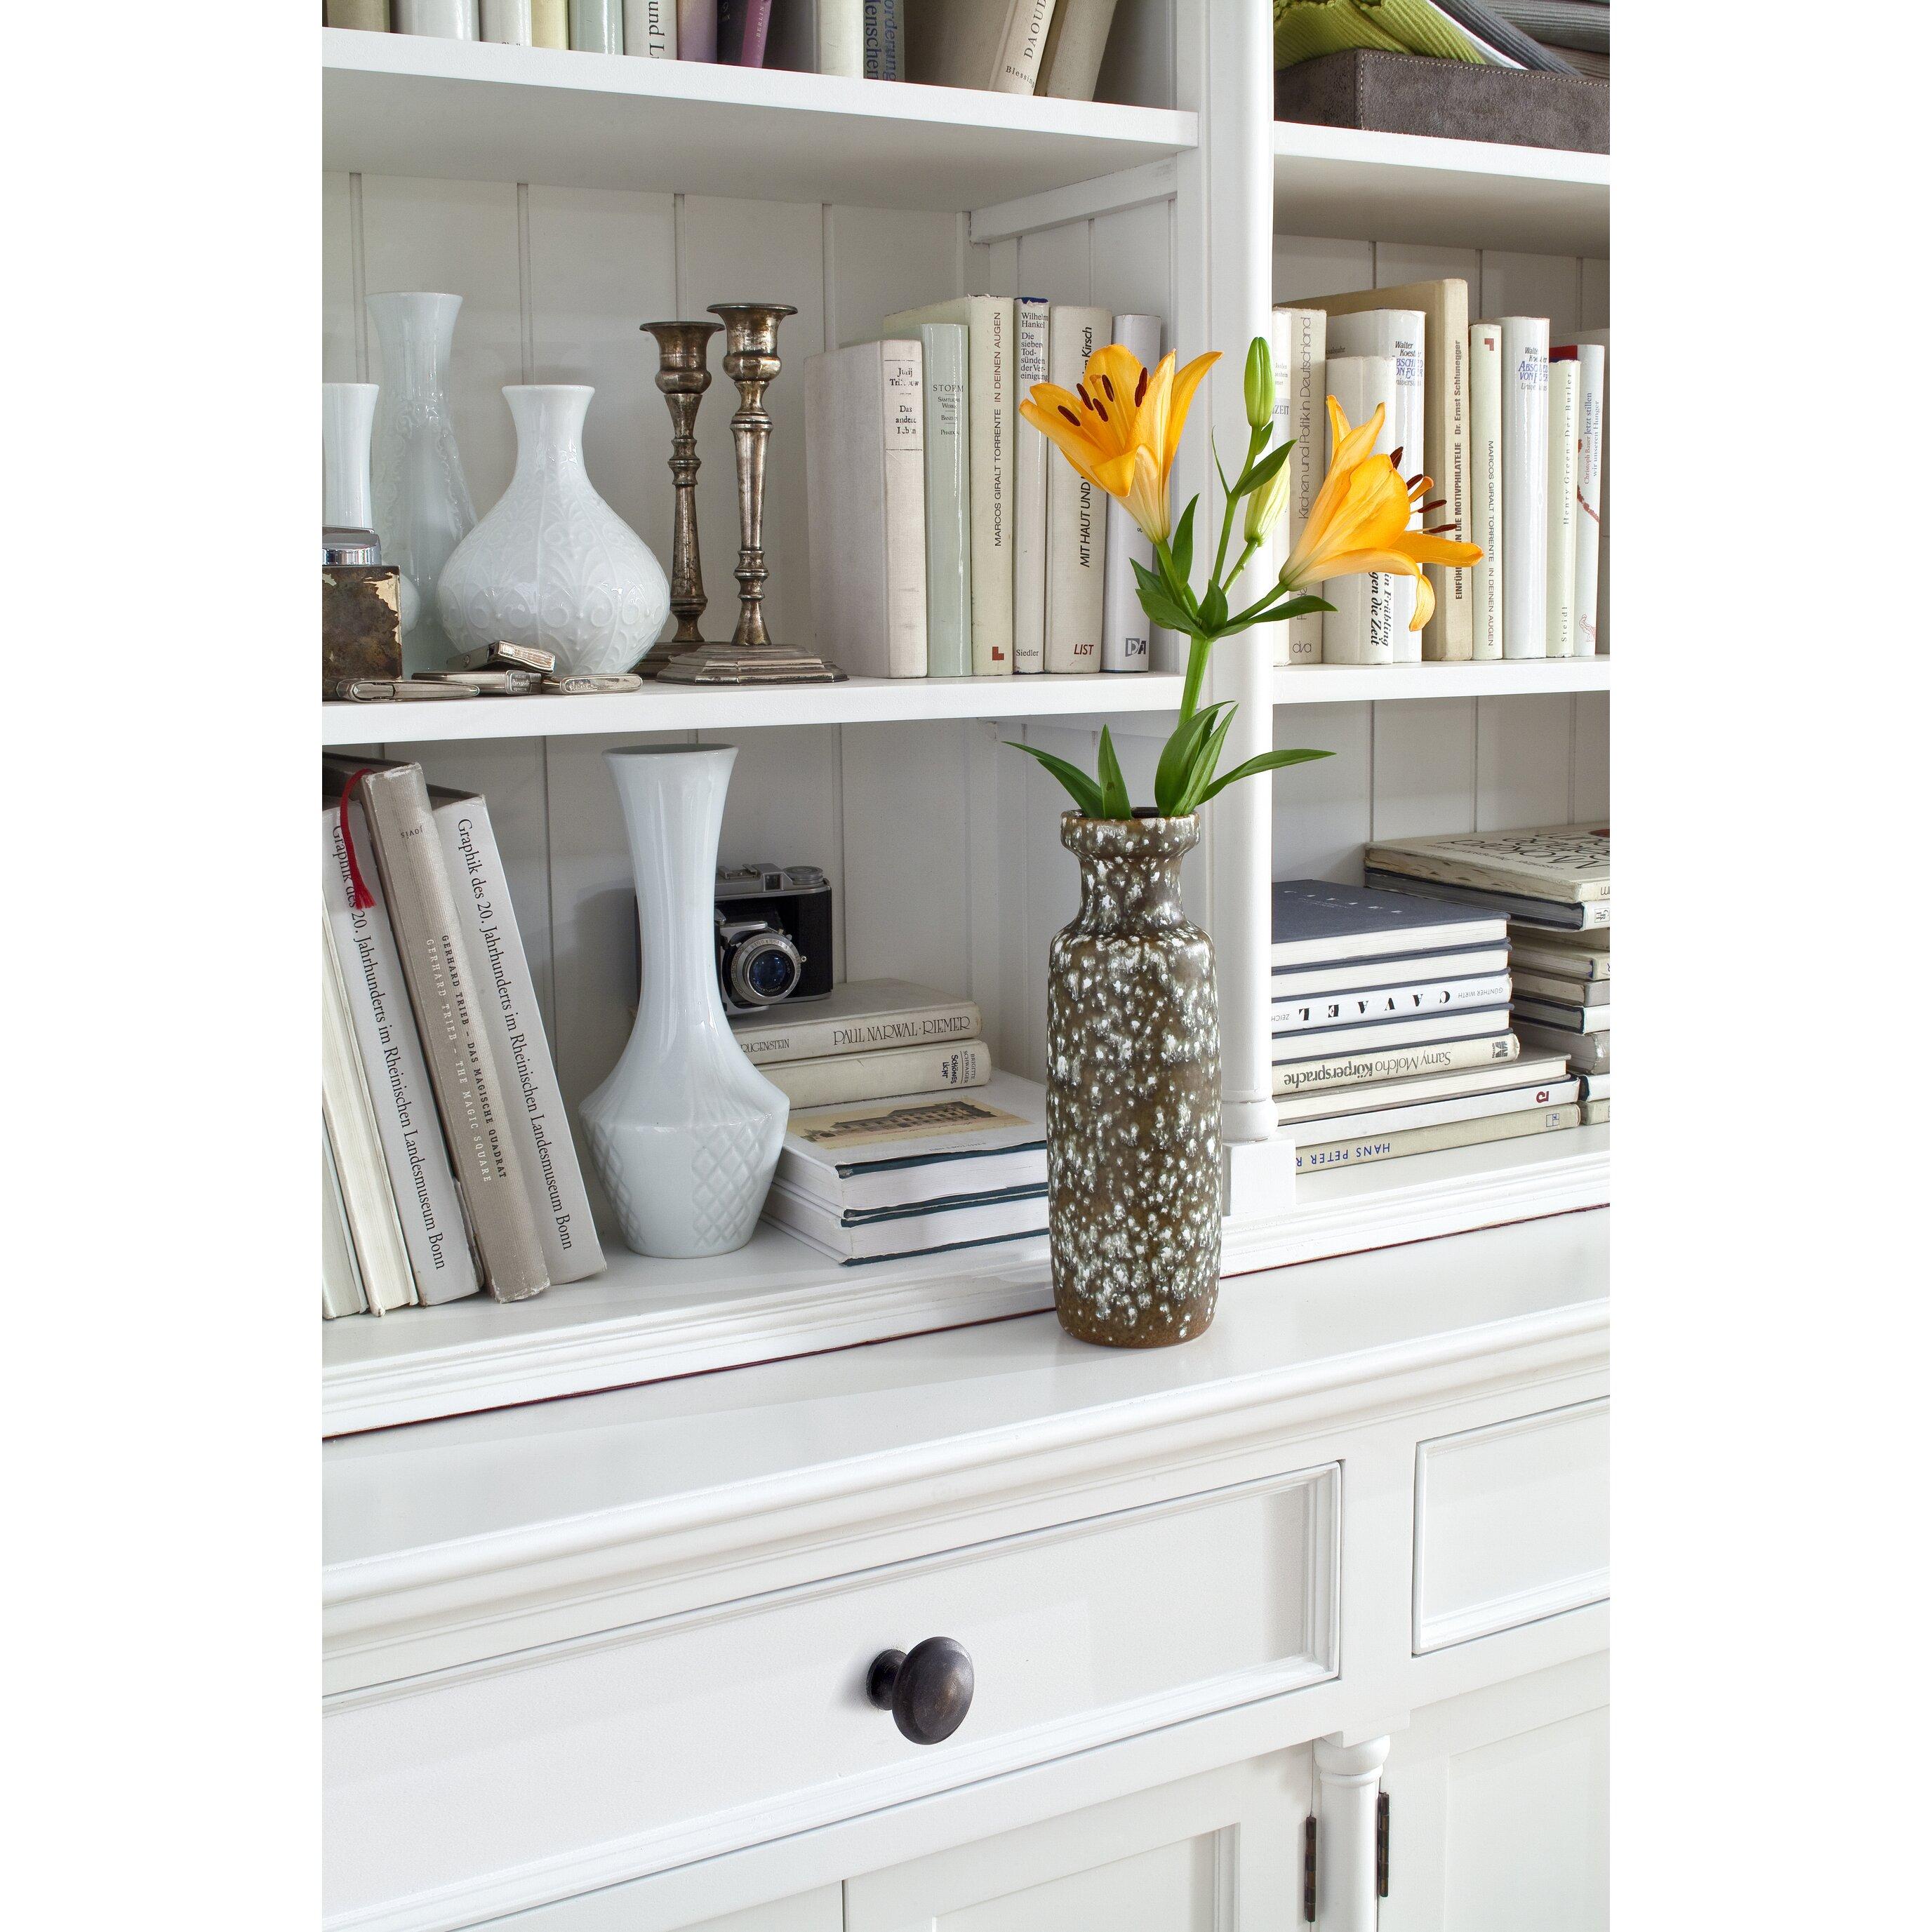 novasolo provence hutch cabinet provence hutch cabinet bca novasolo provence hutch cabinet buffets hutches cabinets bca living room furniture